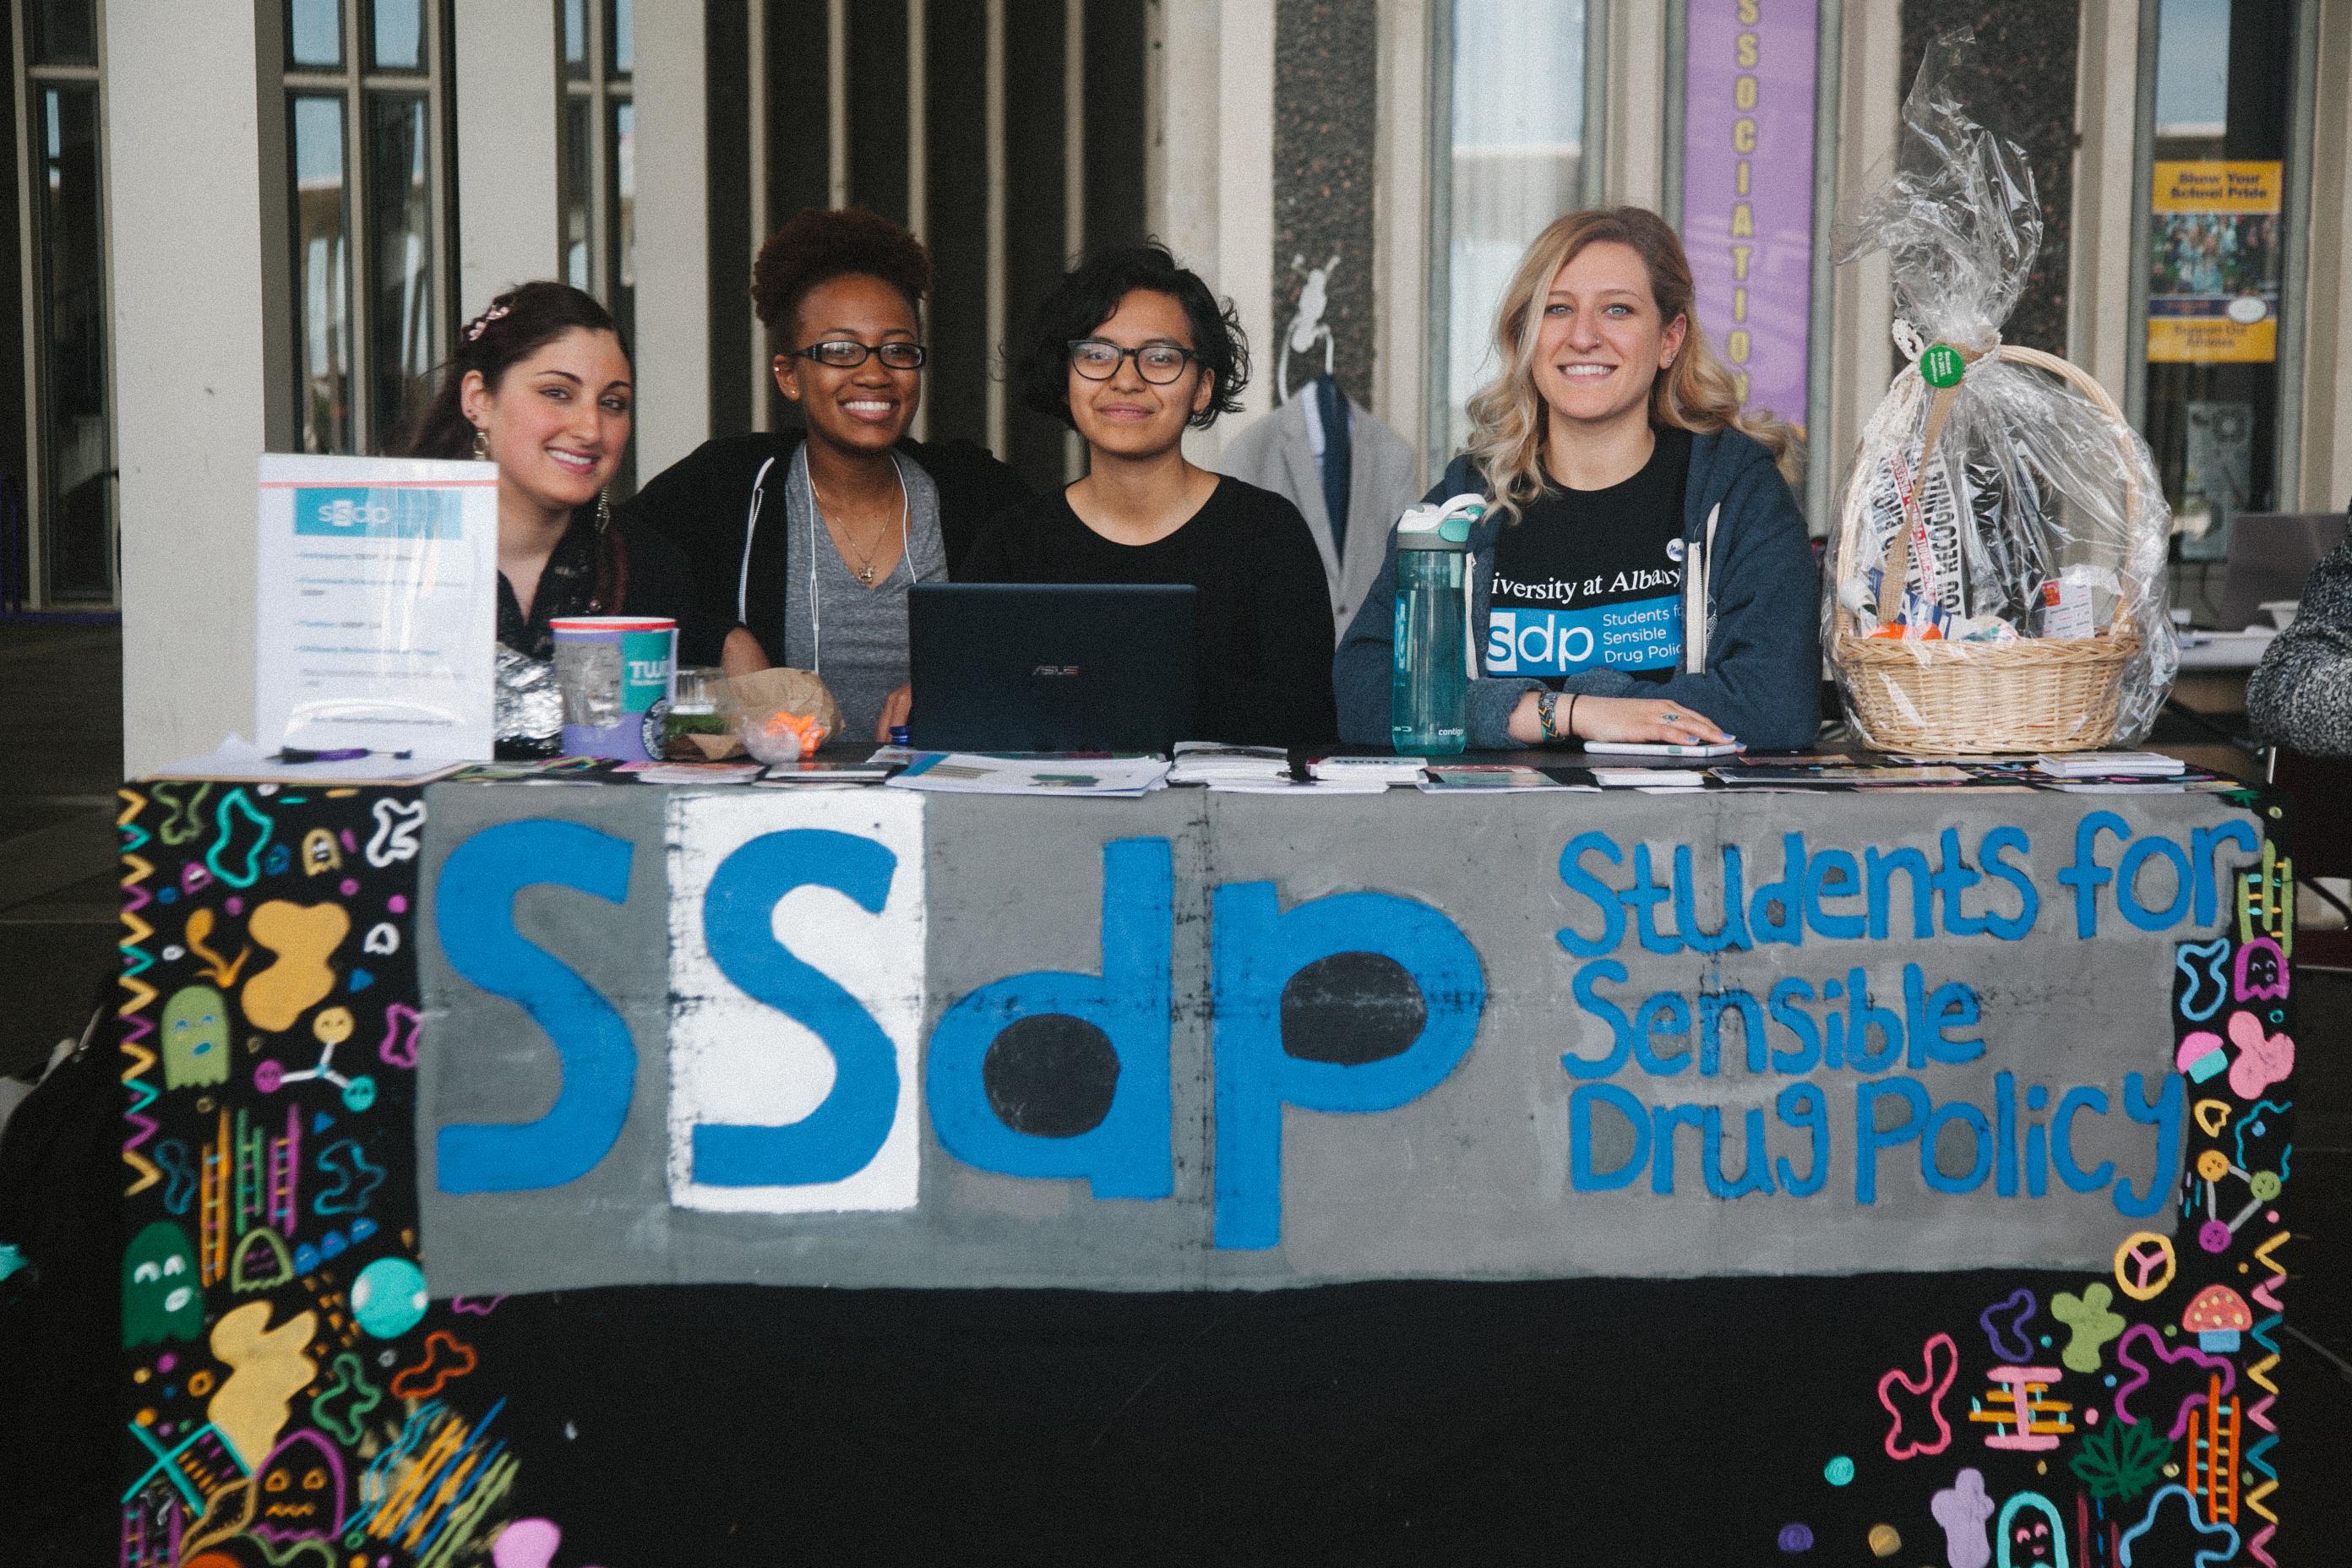 SSDP2018